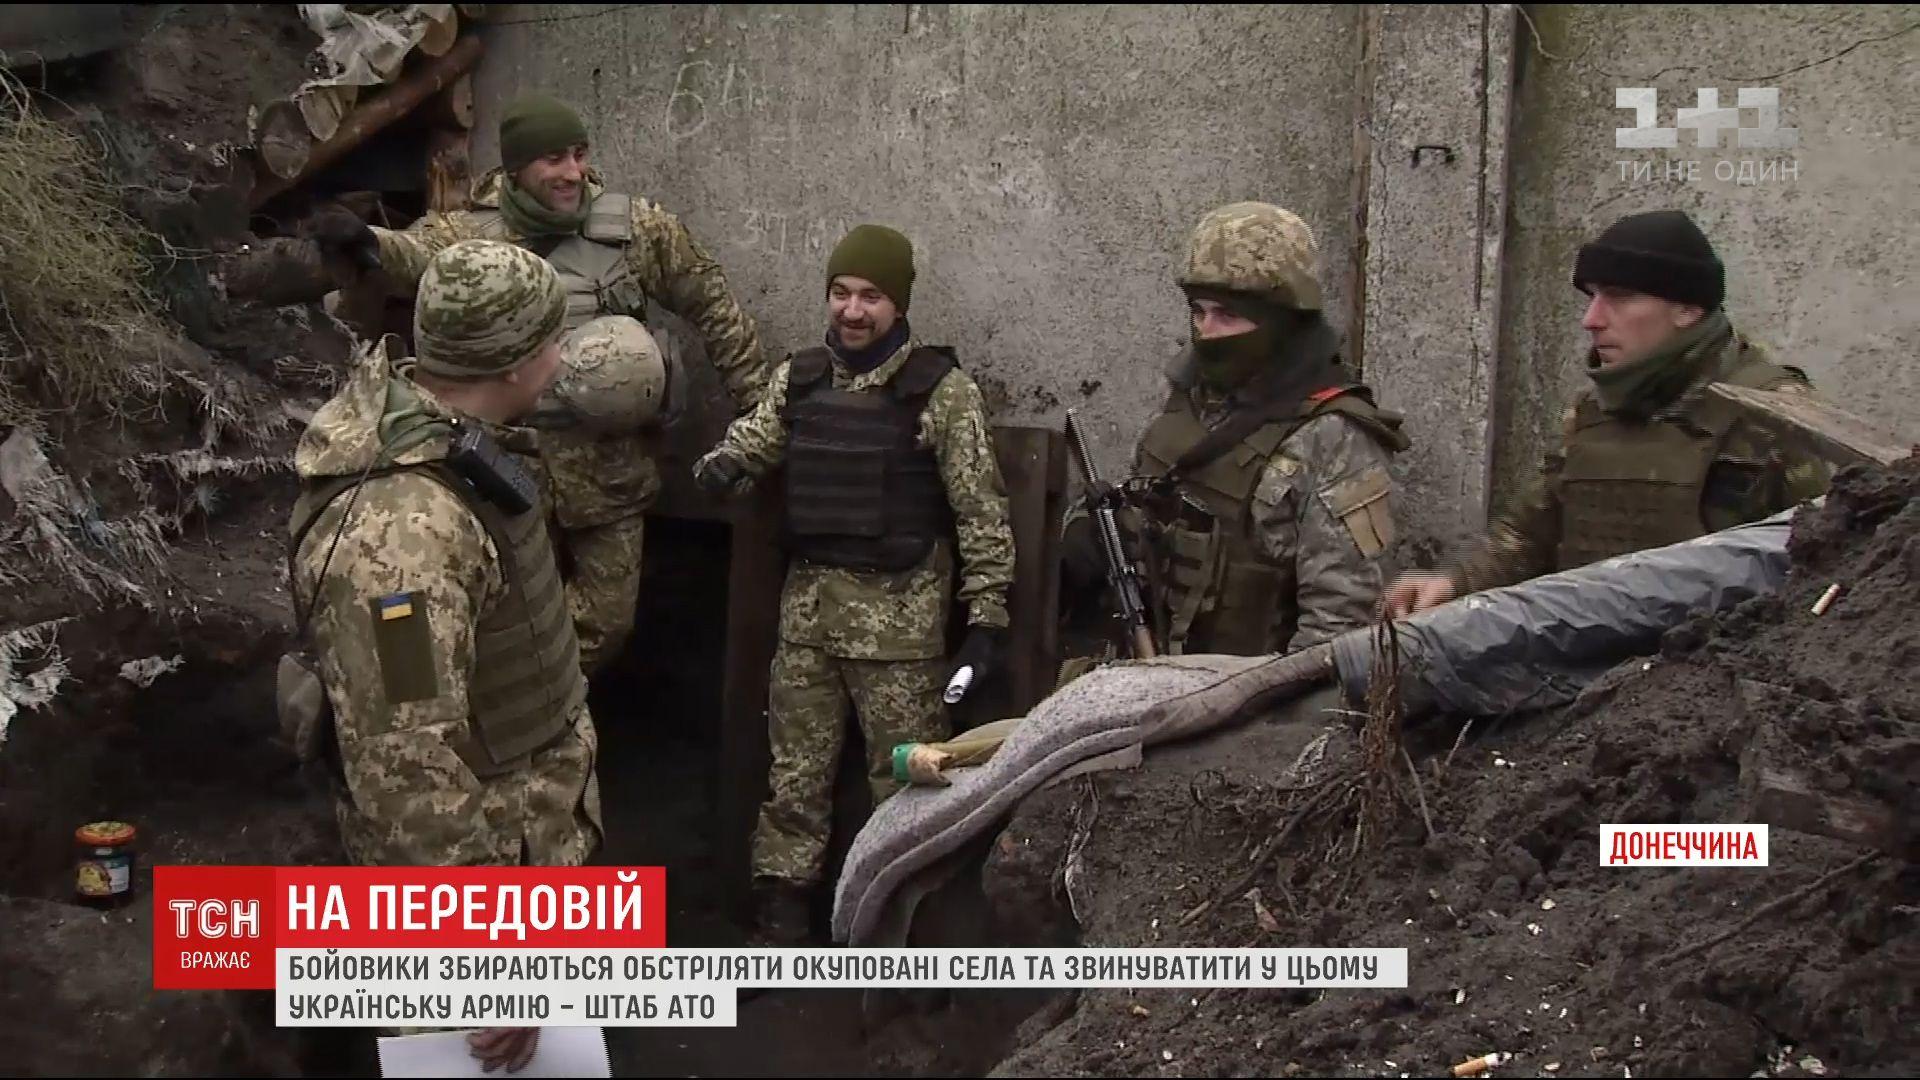 Военные утверждают, что даже обычная грамота для них – серьезная мотивация / Скриншот видео ТСН